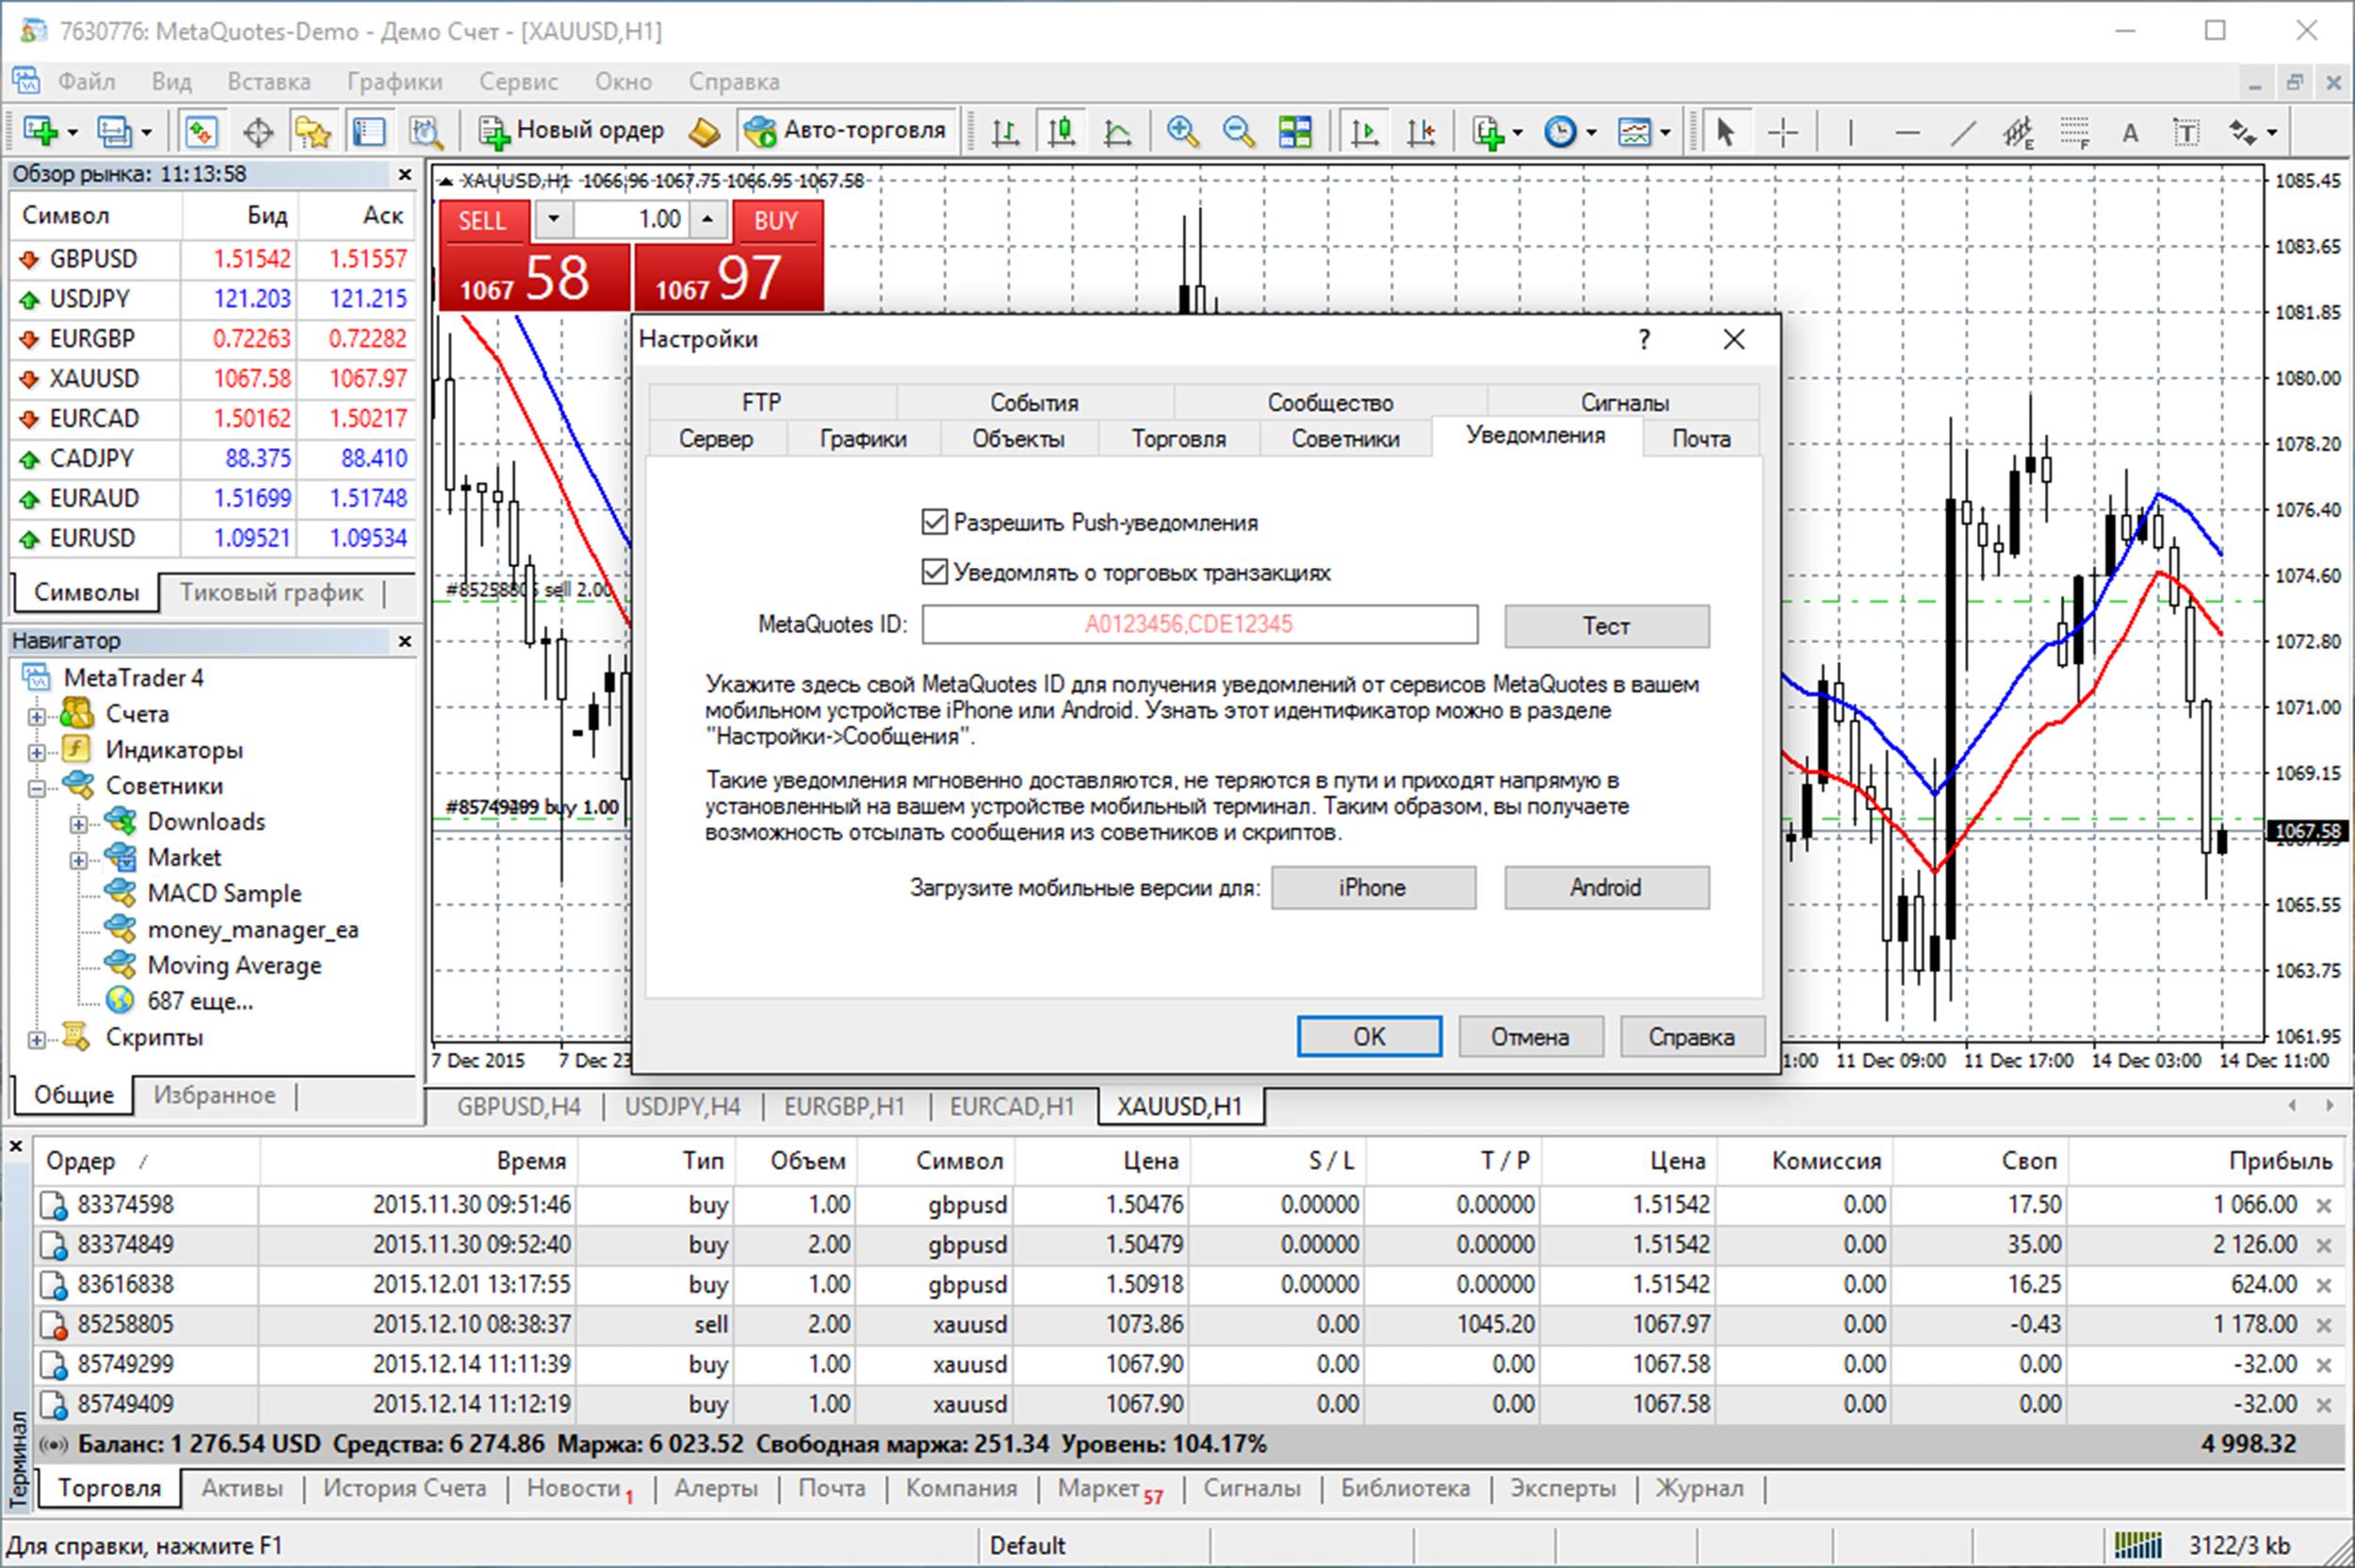 Программа для торговли на форекс отзывы форекс индикатор дивергенции rsi